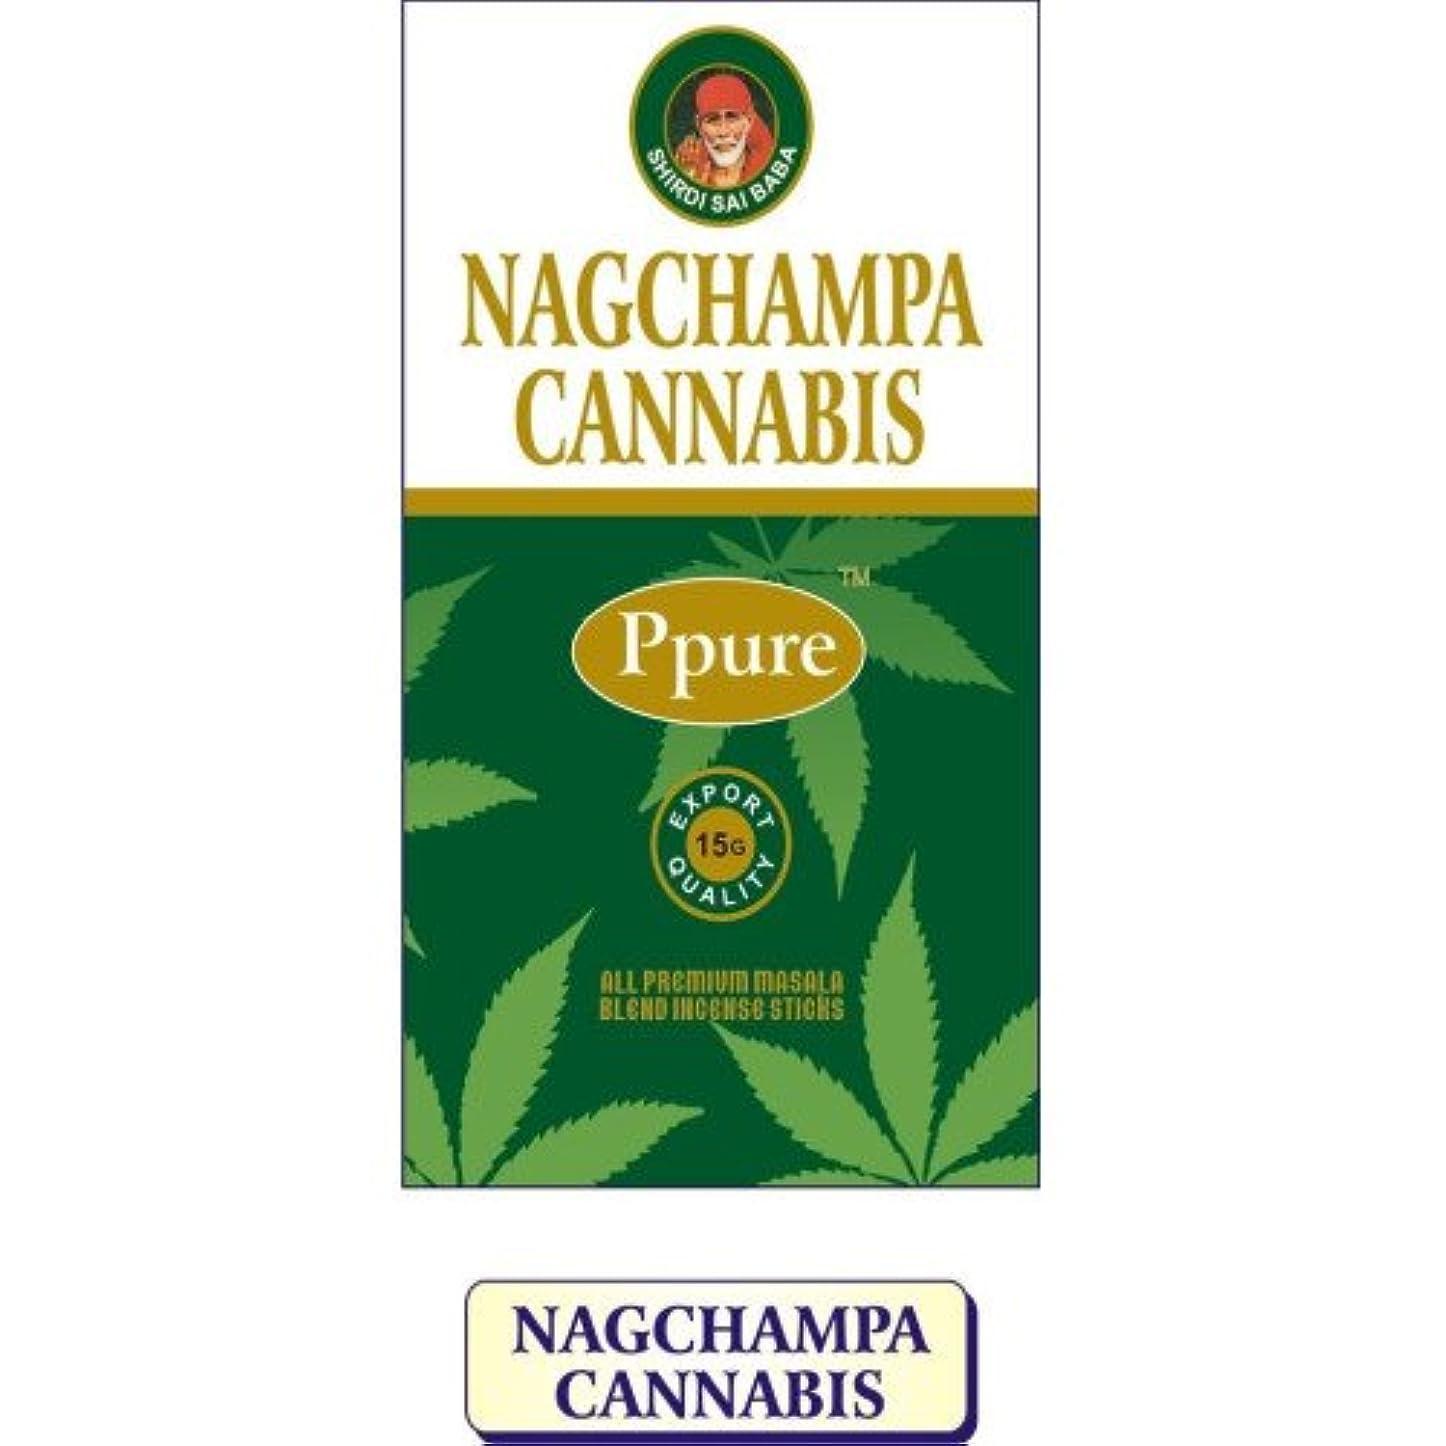 スタックすり減るみぞれPpure Nag Champa Cannabis PerfumeプレミアムMasala Incense Sticks 15グラム